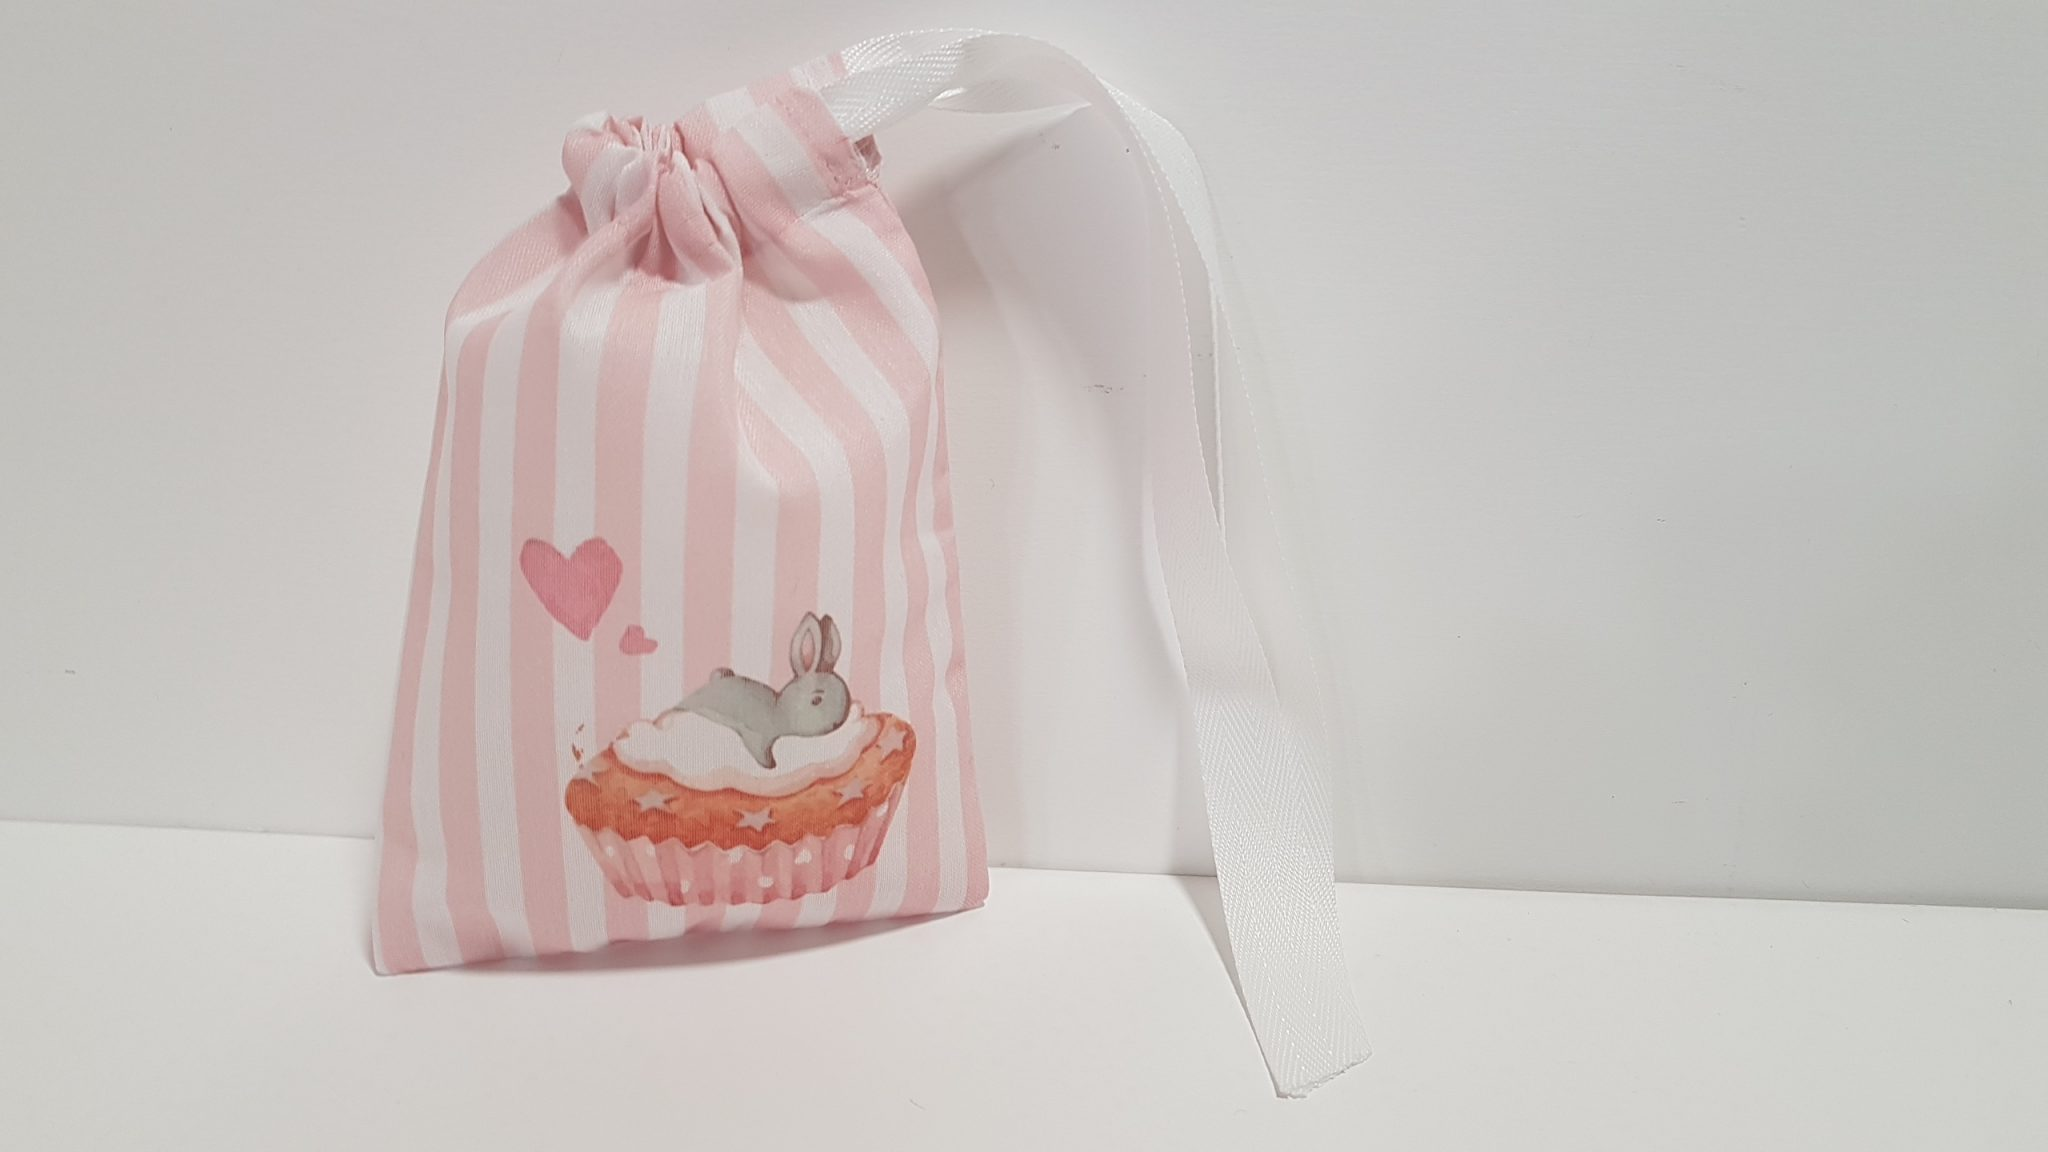 Μπομπονιέρα πουγκί ,ύφασμα ριγέ με τυπωμένο λαγουδάκι σε cupcake.